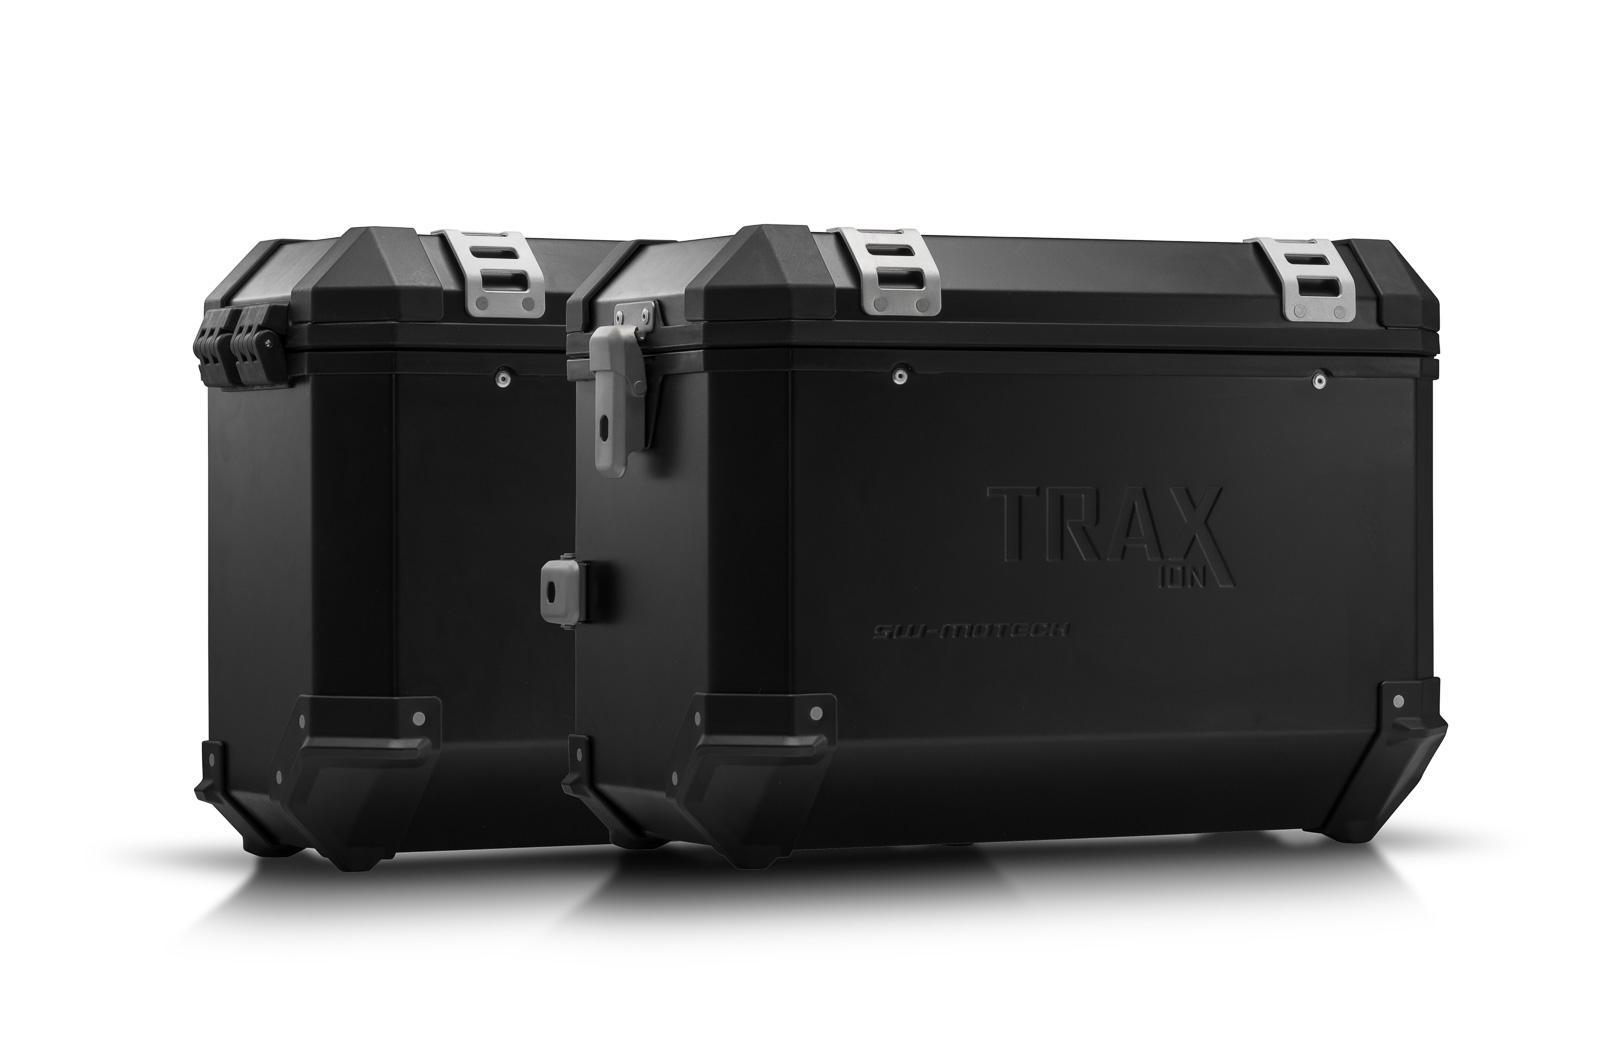 Kit valises SW-Motech Trax ION 37/37L noires KTM 990 SMT 09-14